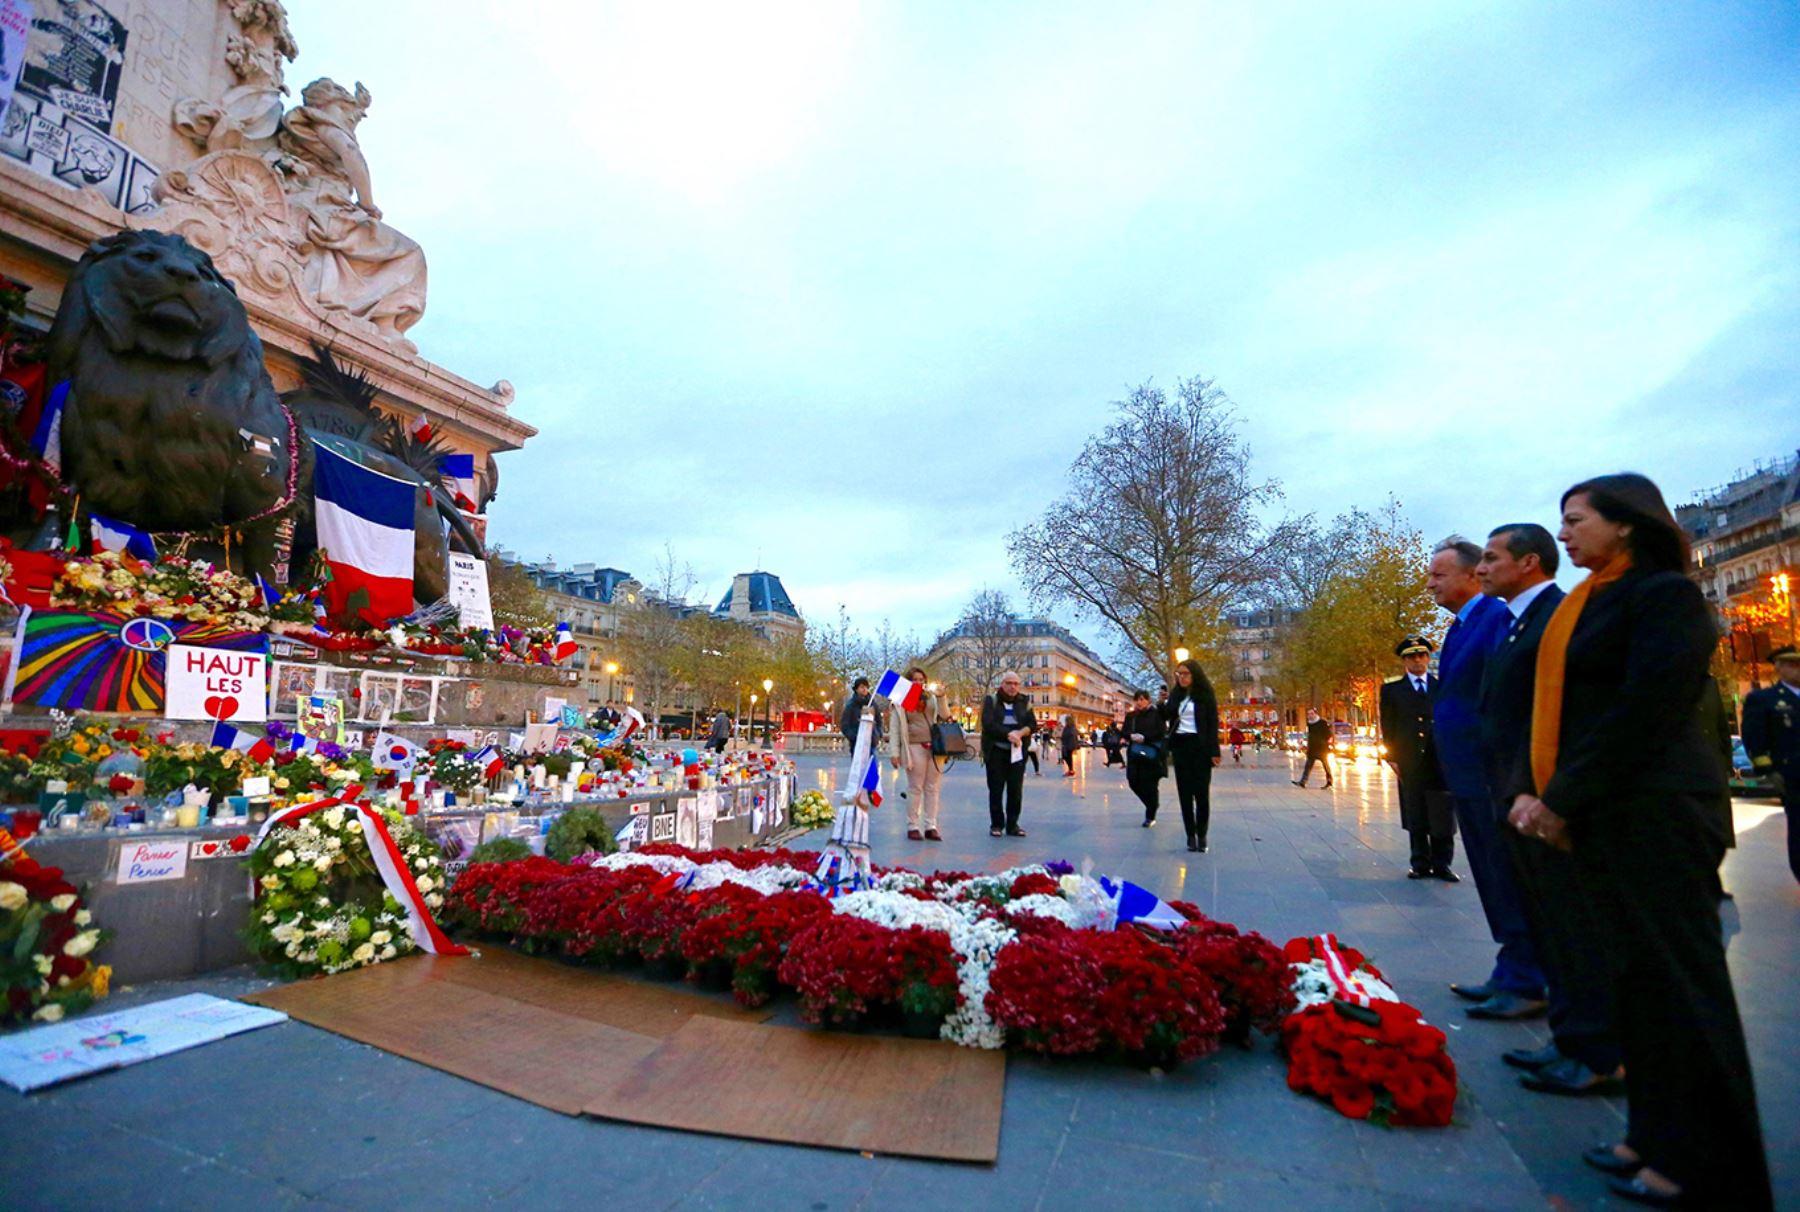 PARÍS, FRANCIA - DICIEMBRE 01. Homenaje en honor a víctimas de atentados terroristas perpetrados en París, rindió el presidente Ollanta Humala en la Plaza de la República de la capital francesa  Foto: PRESIDENCIA.